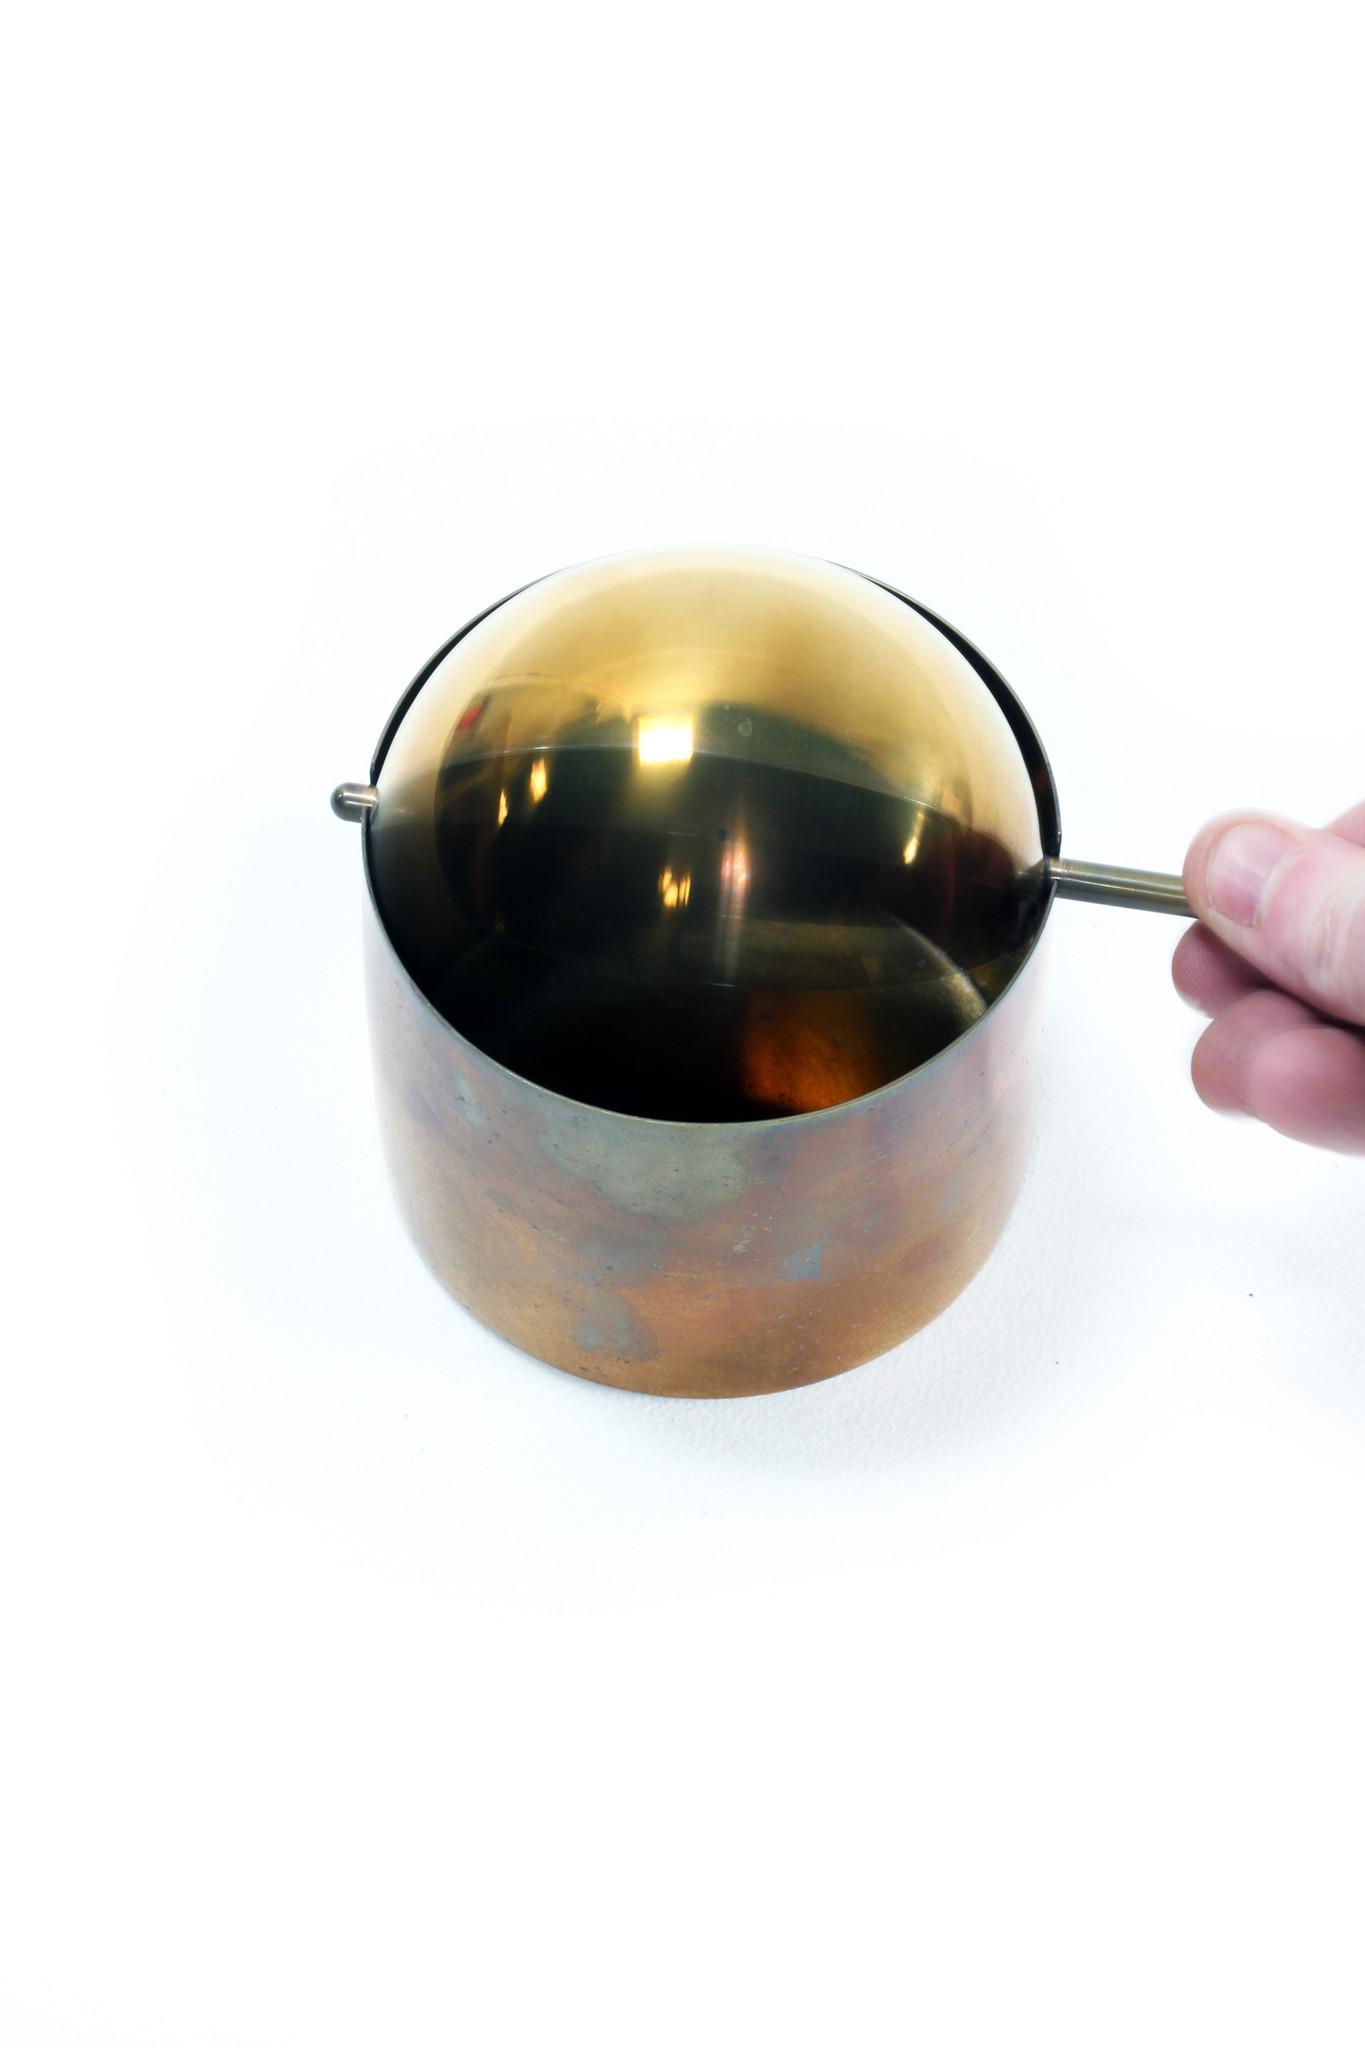 De klassieke kantelasbak van Arne Jacobsen voor Stelton